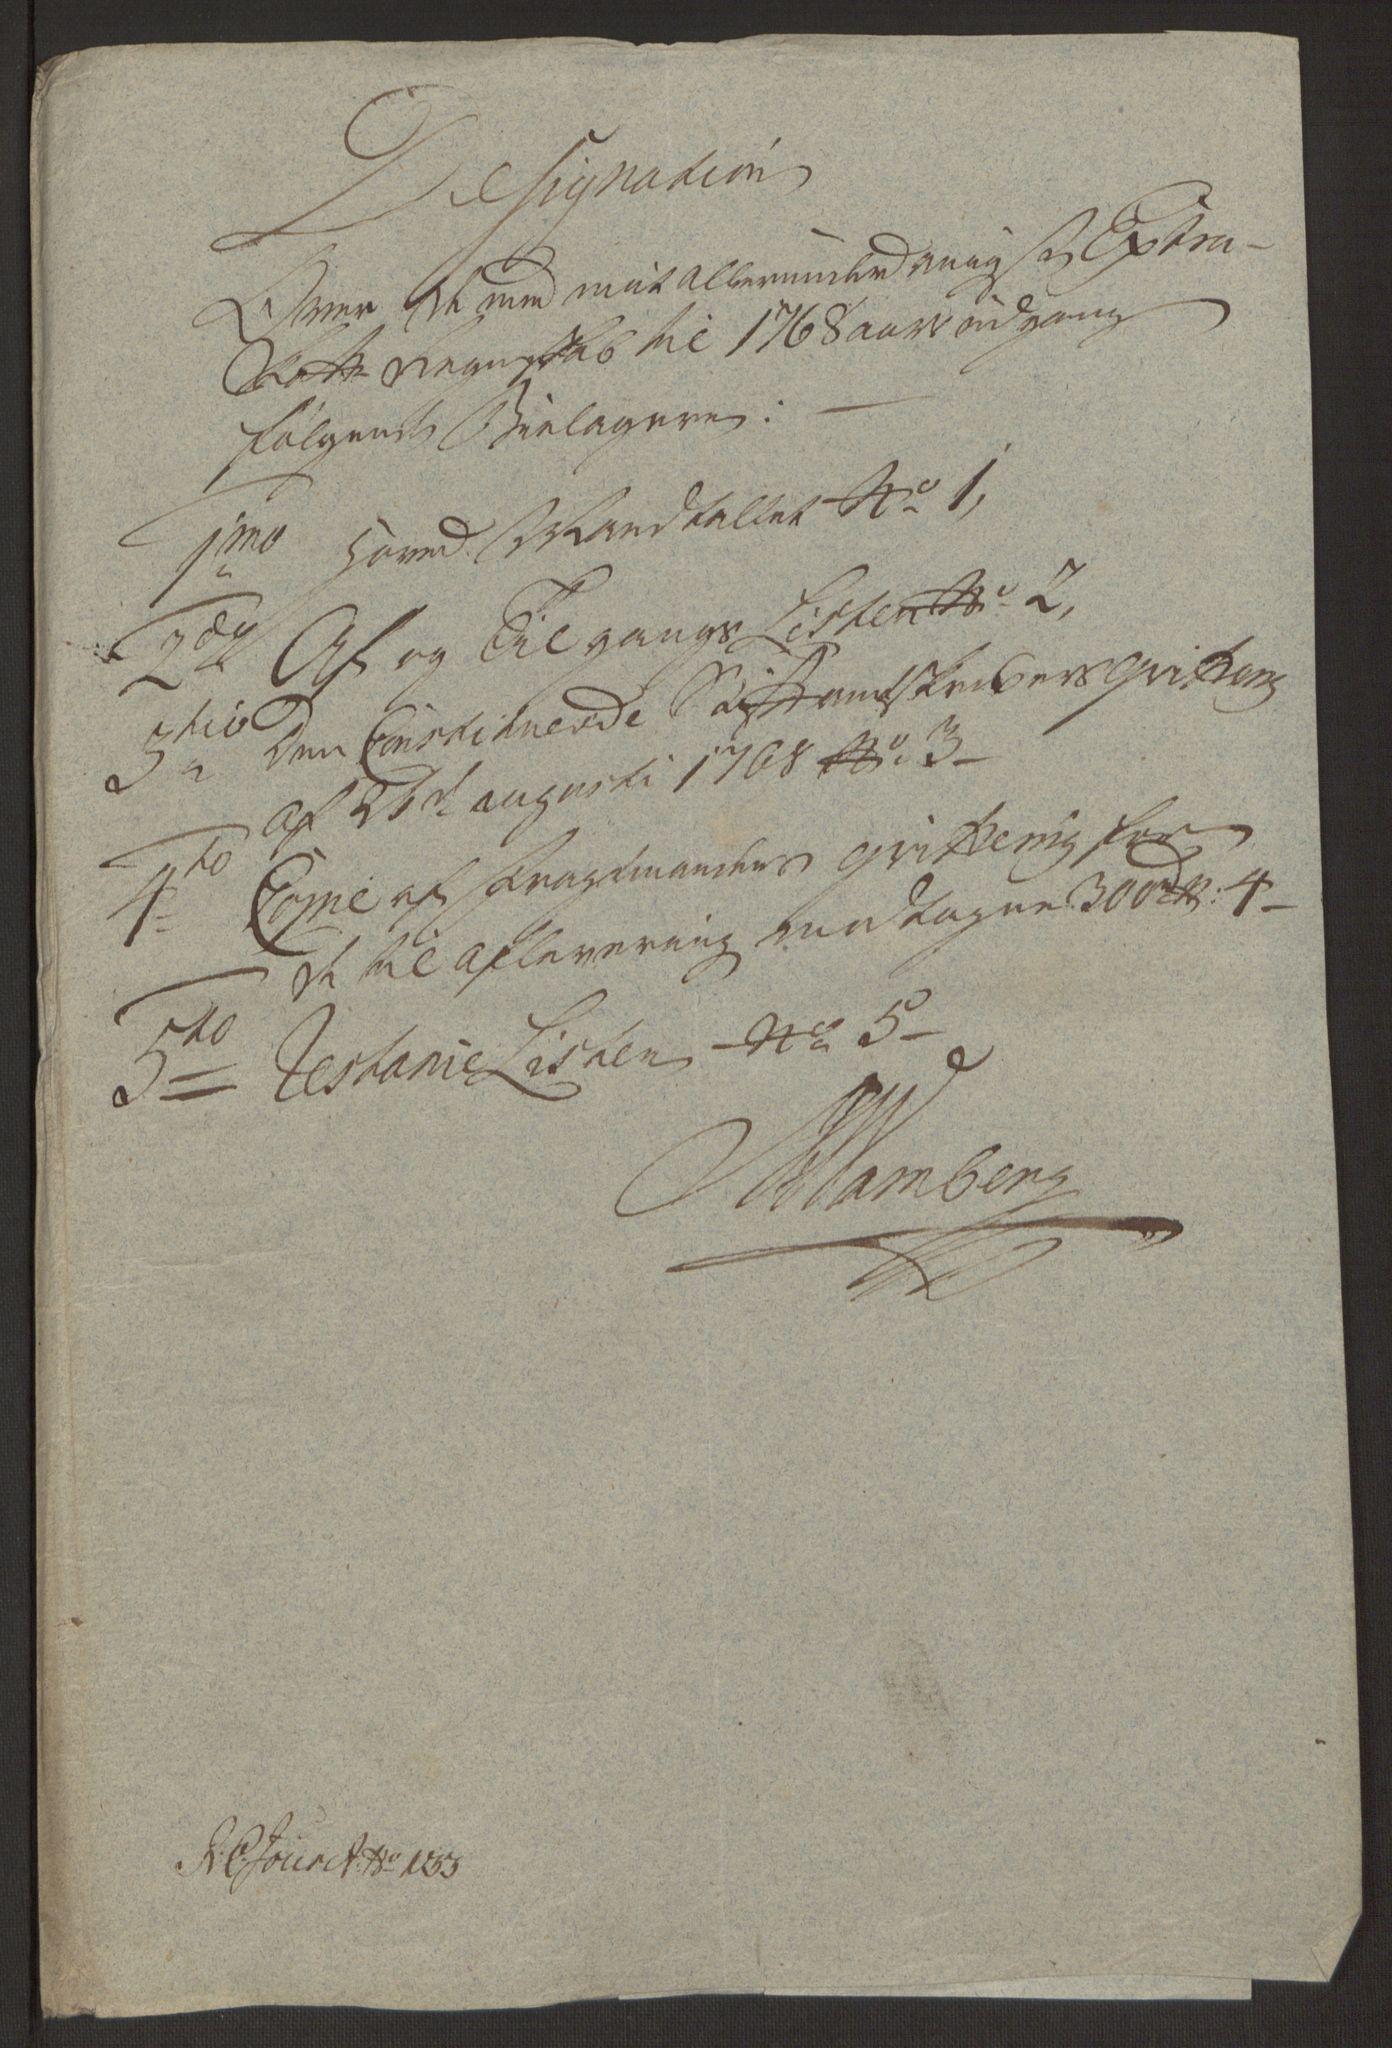 RA, Rentekammeret inntil 1814, Reviderte regnskaper, Byregnskaper, R/Ro/L0305: [O6] Kontribusjonsregnskap, 1762-1768, s. 385